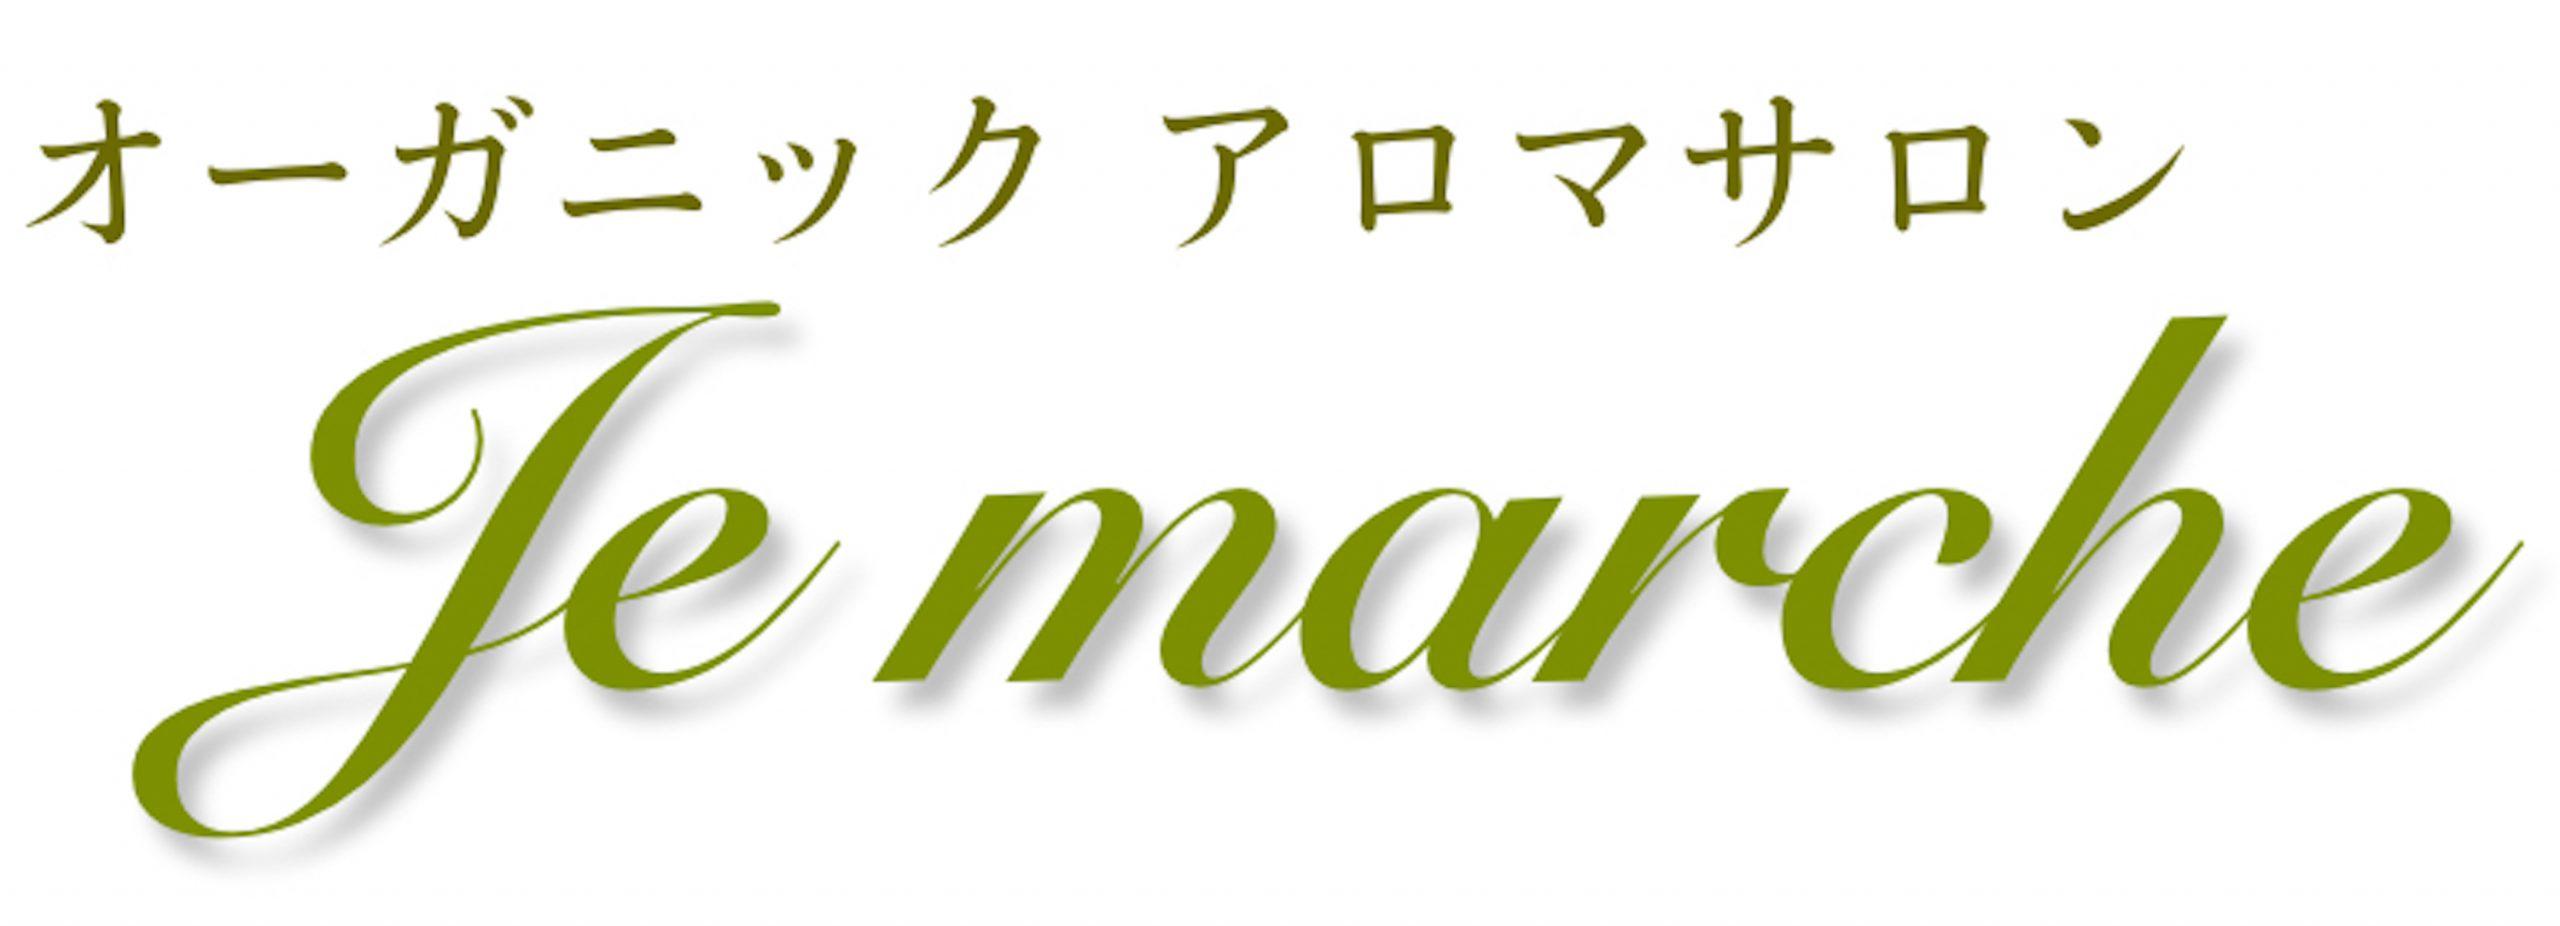 オーガニックアロマサロン Je marche